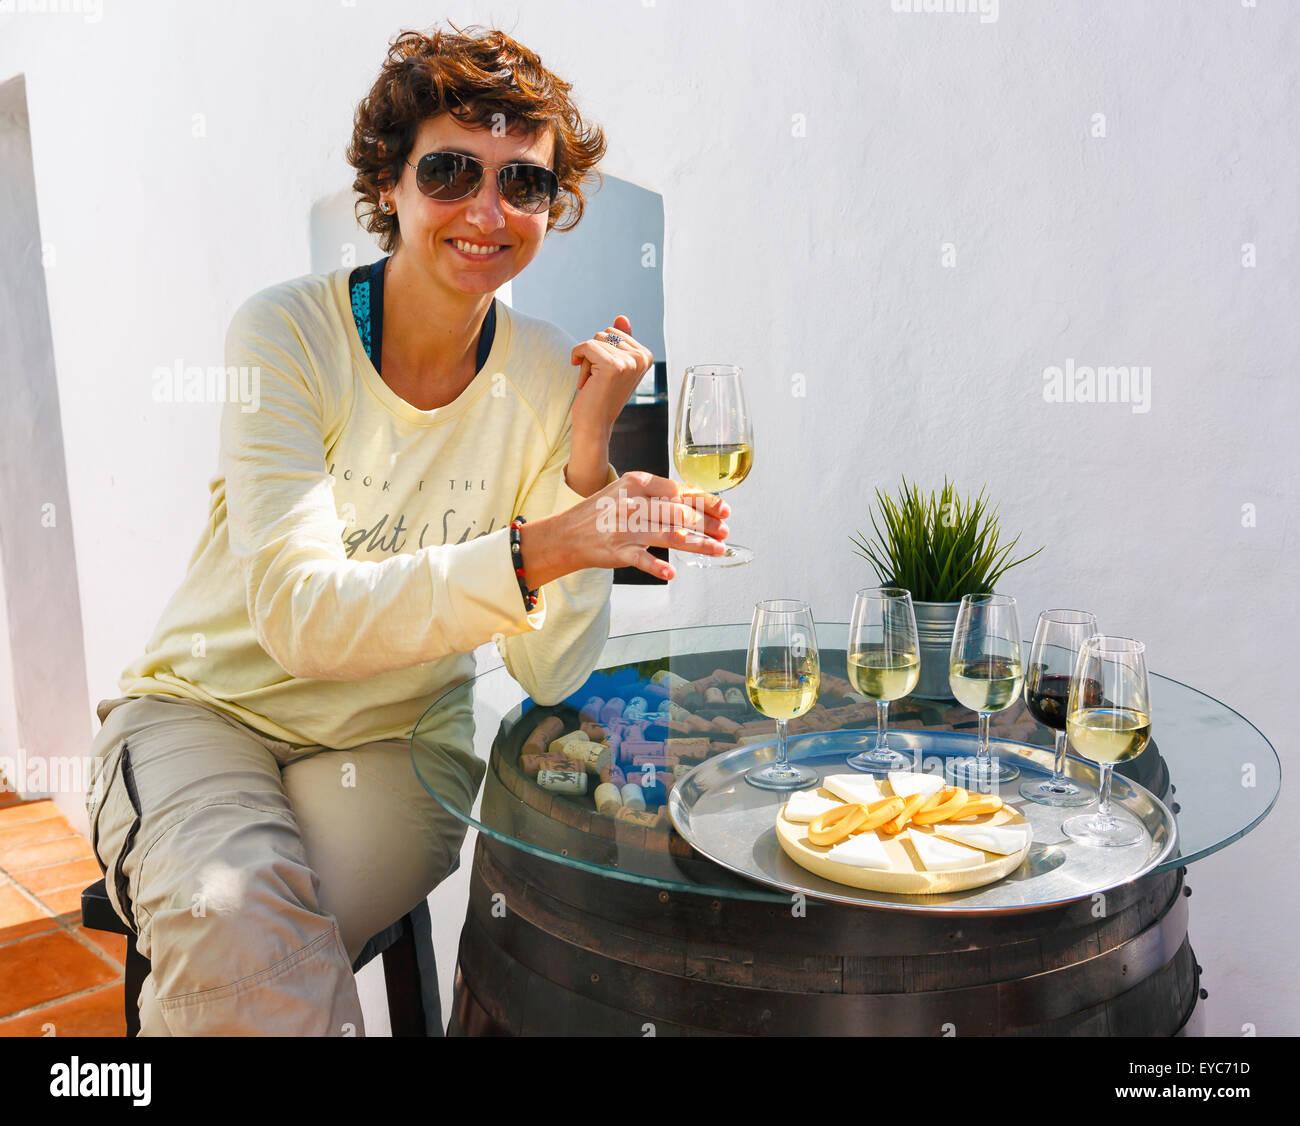 Verkostung. El Grifo Weinkeller. San Bartolome, Lanzarote, Kanarische Inseln, Spanien, Europa. Stockbild